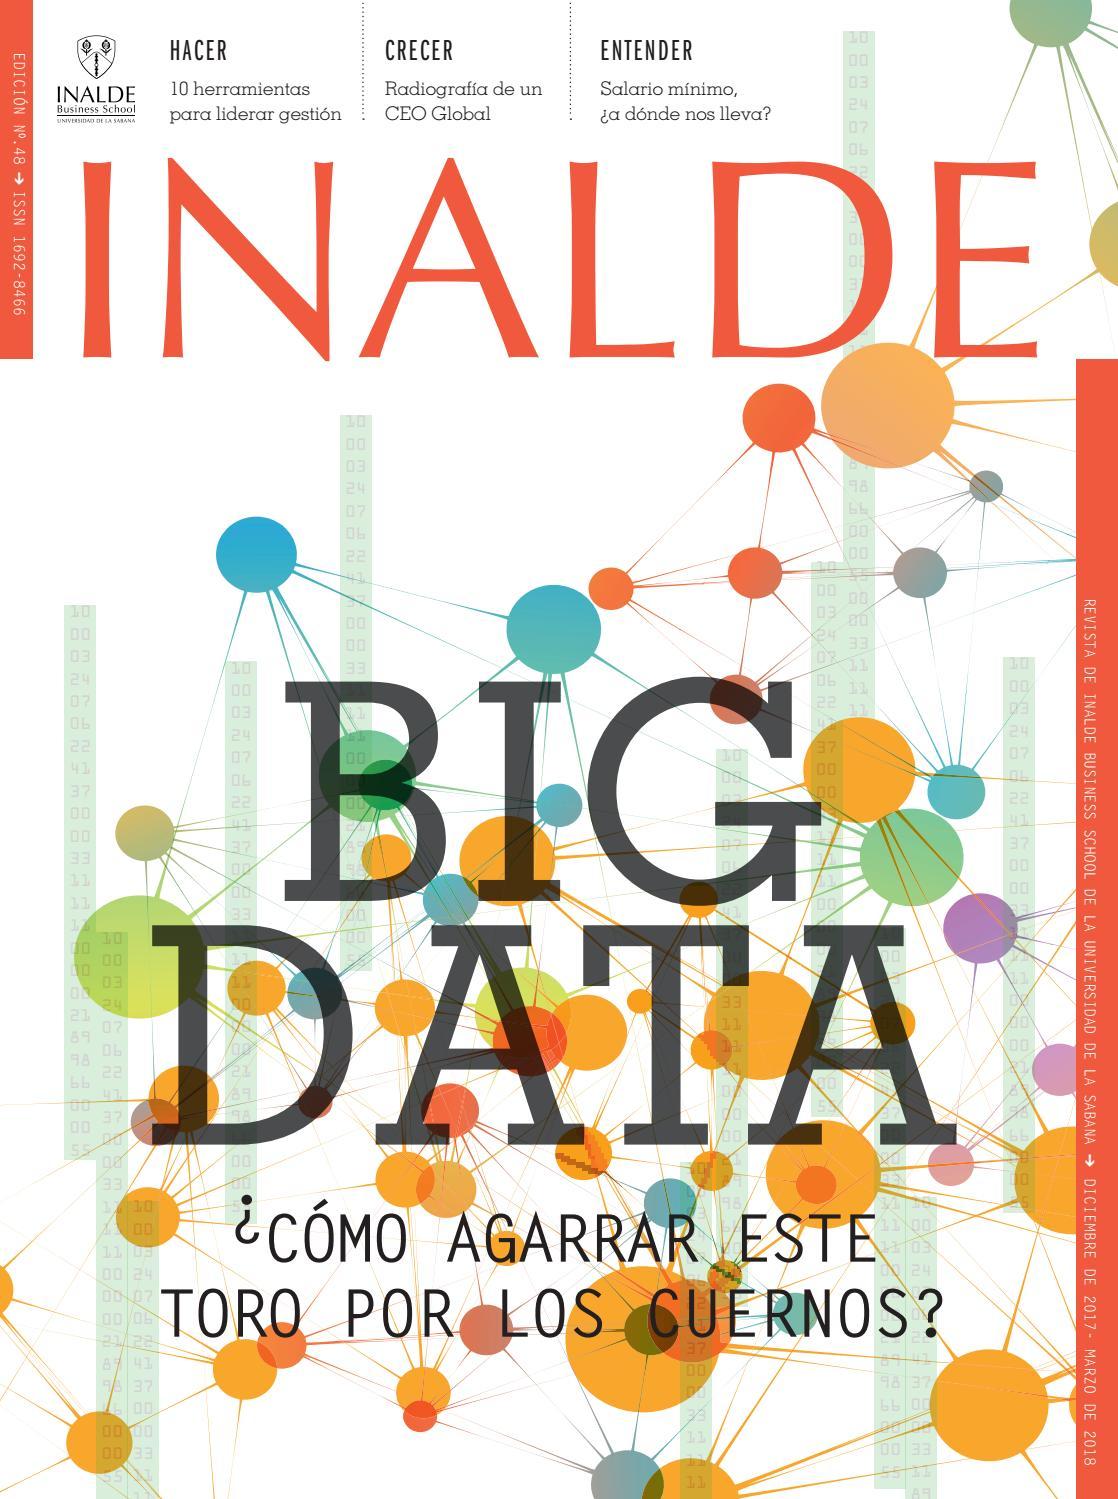 Revista INALDE - Edición 48 by Revista INALDE - issuu